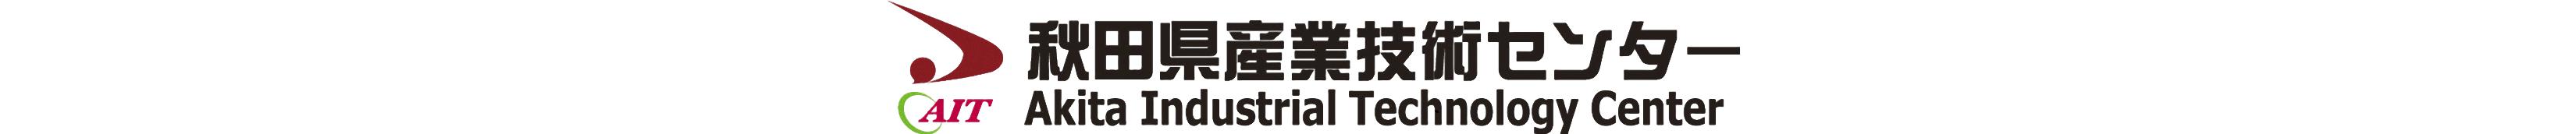 秋田県産業技術センター